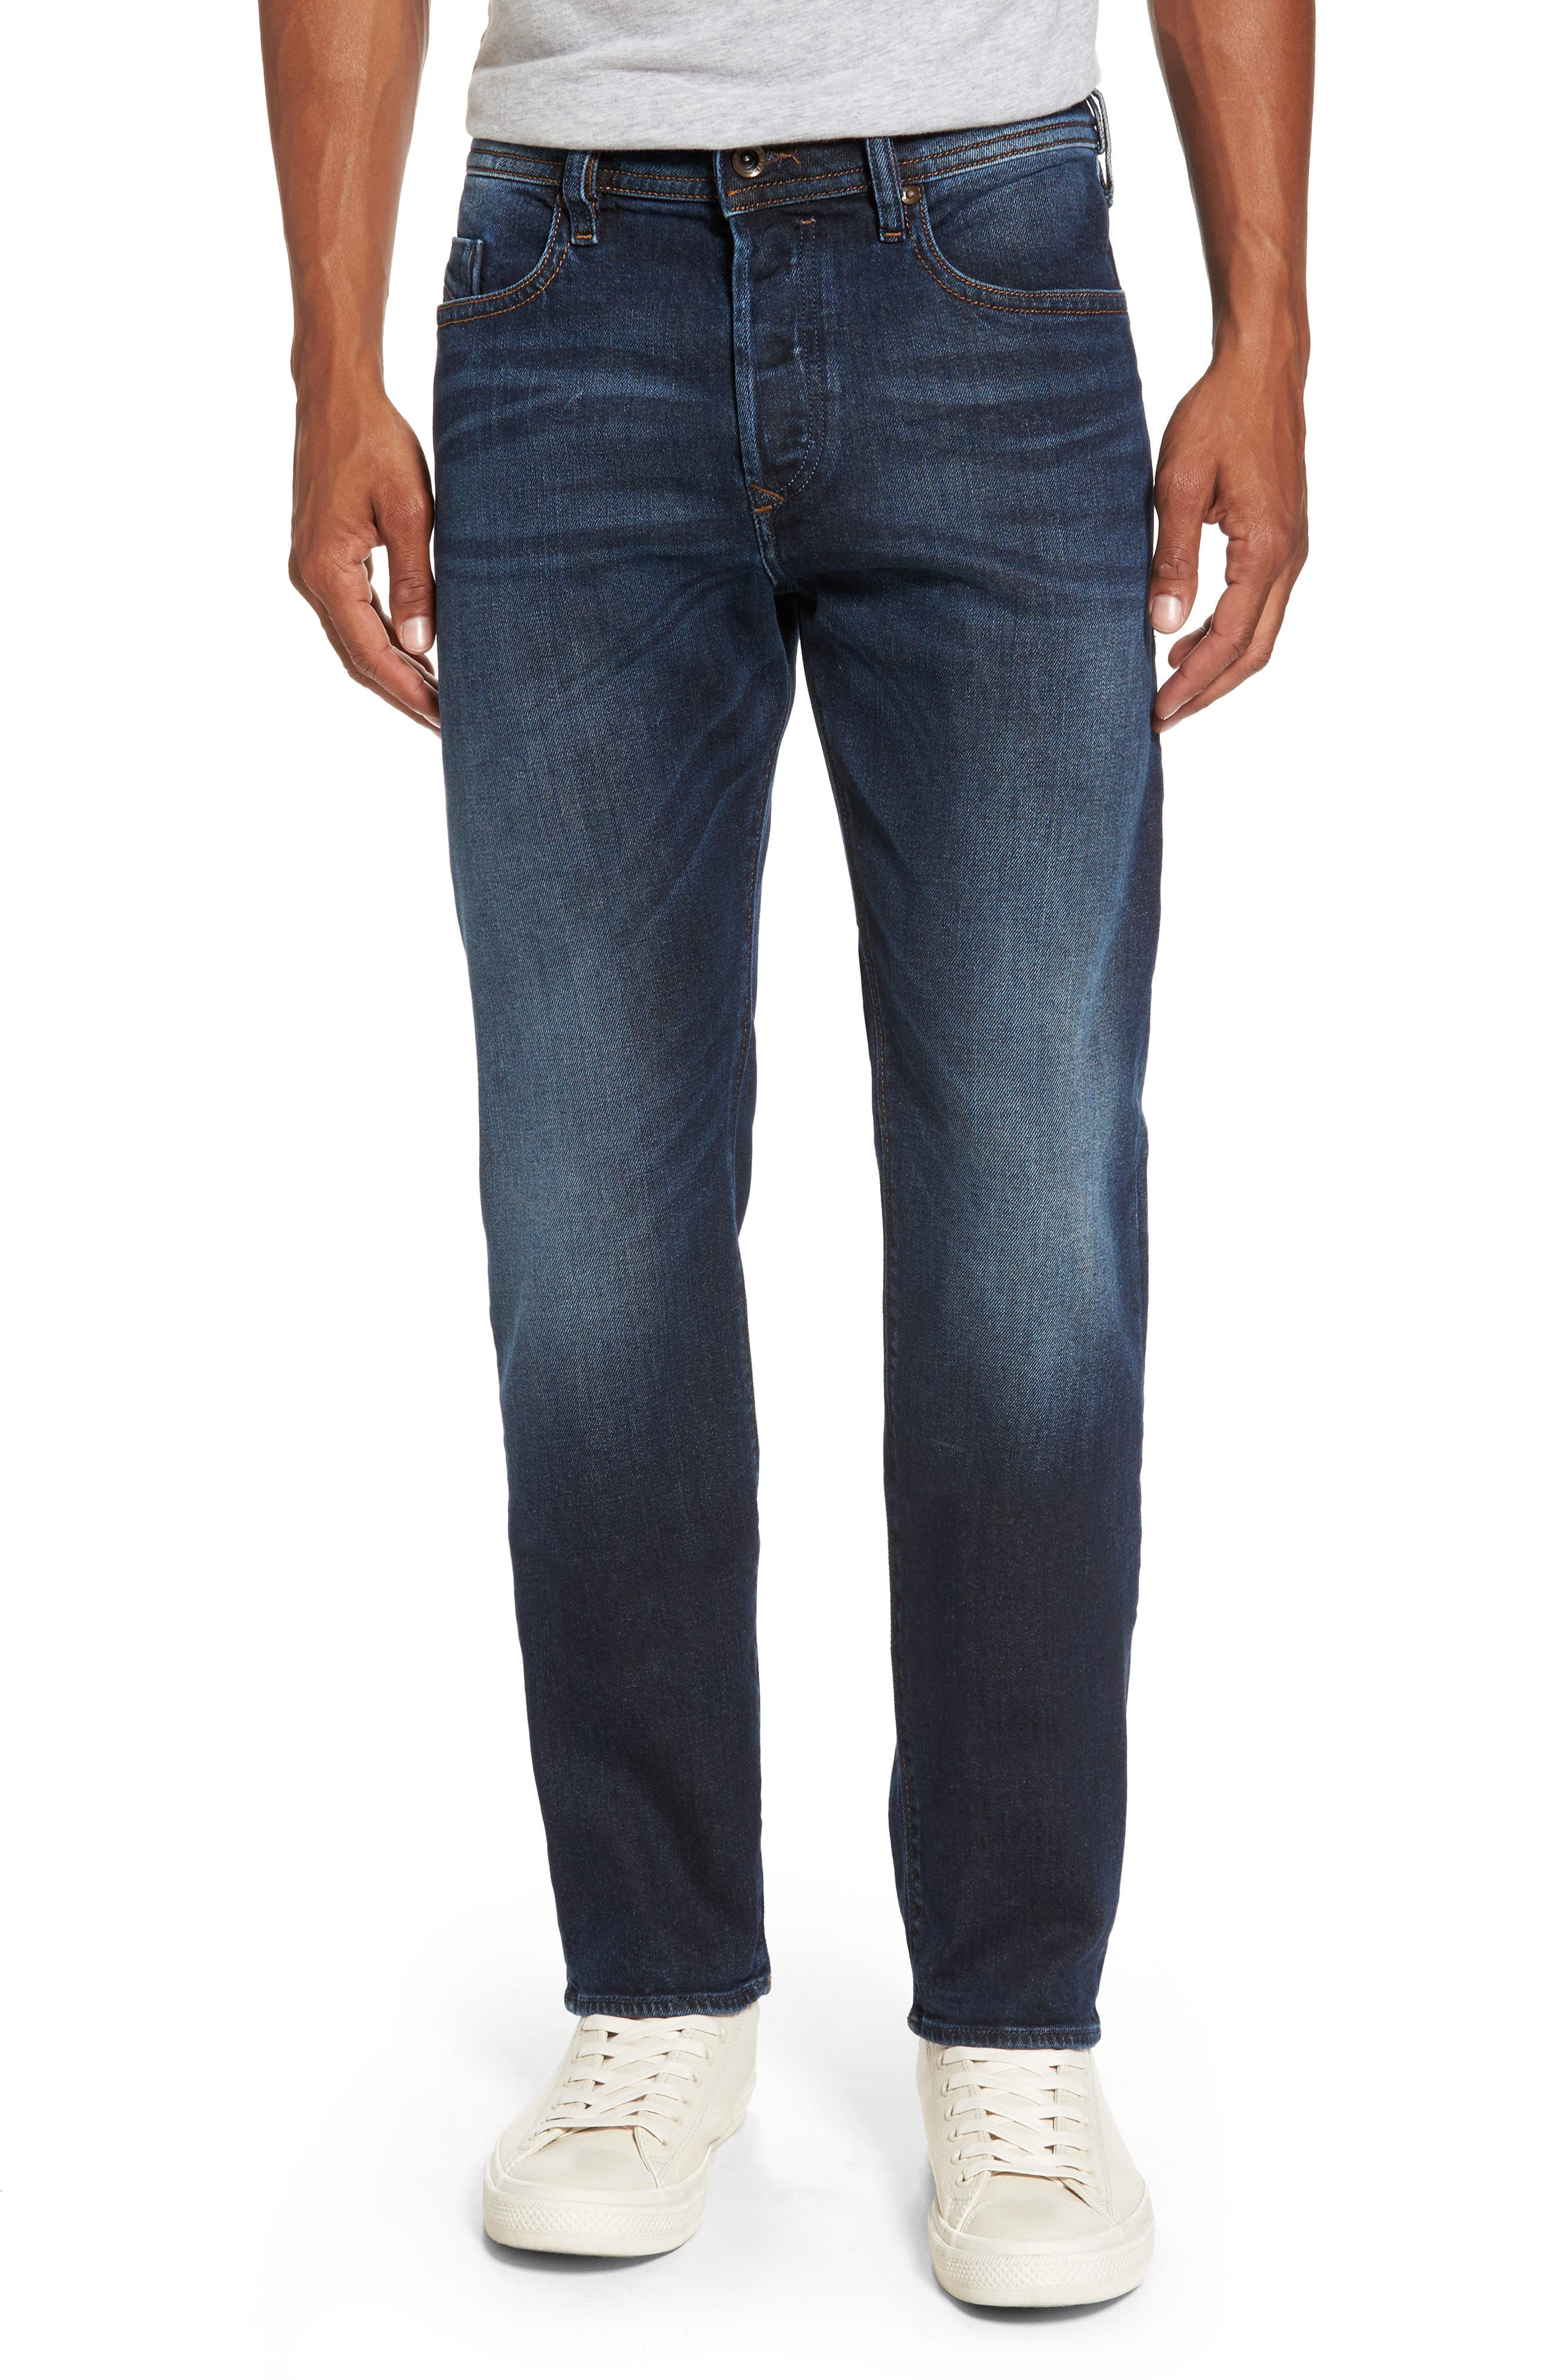 Alternate Image 1 Selected - DIESEL® Buster Slim Straight Leg Jeans (0857Y)